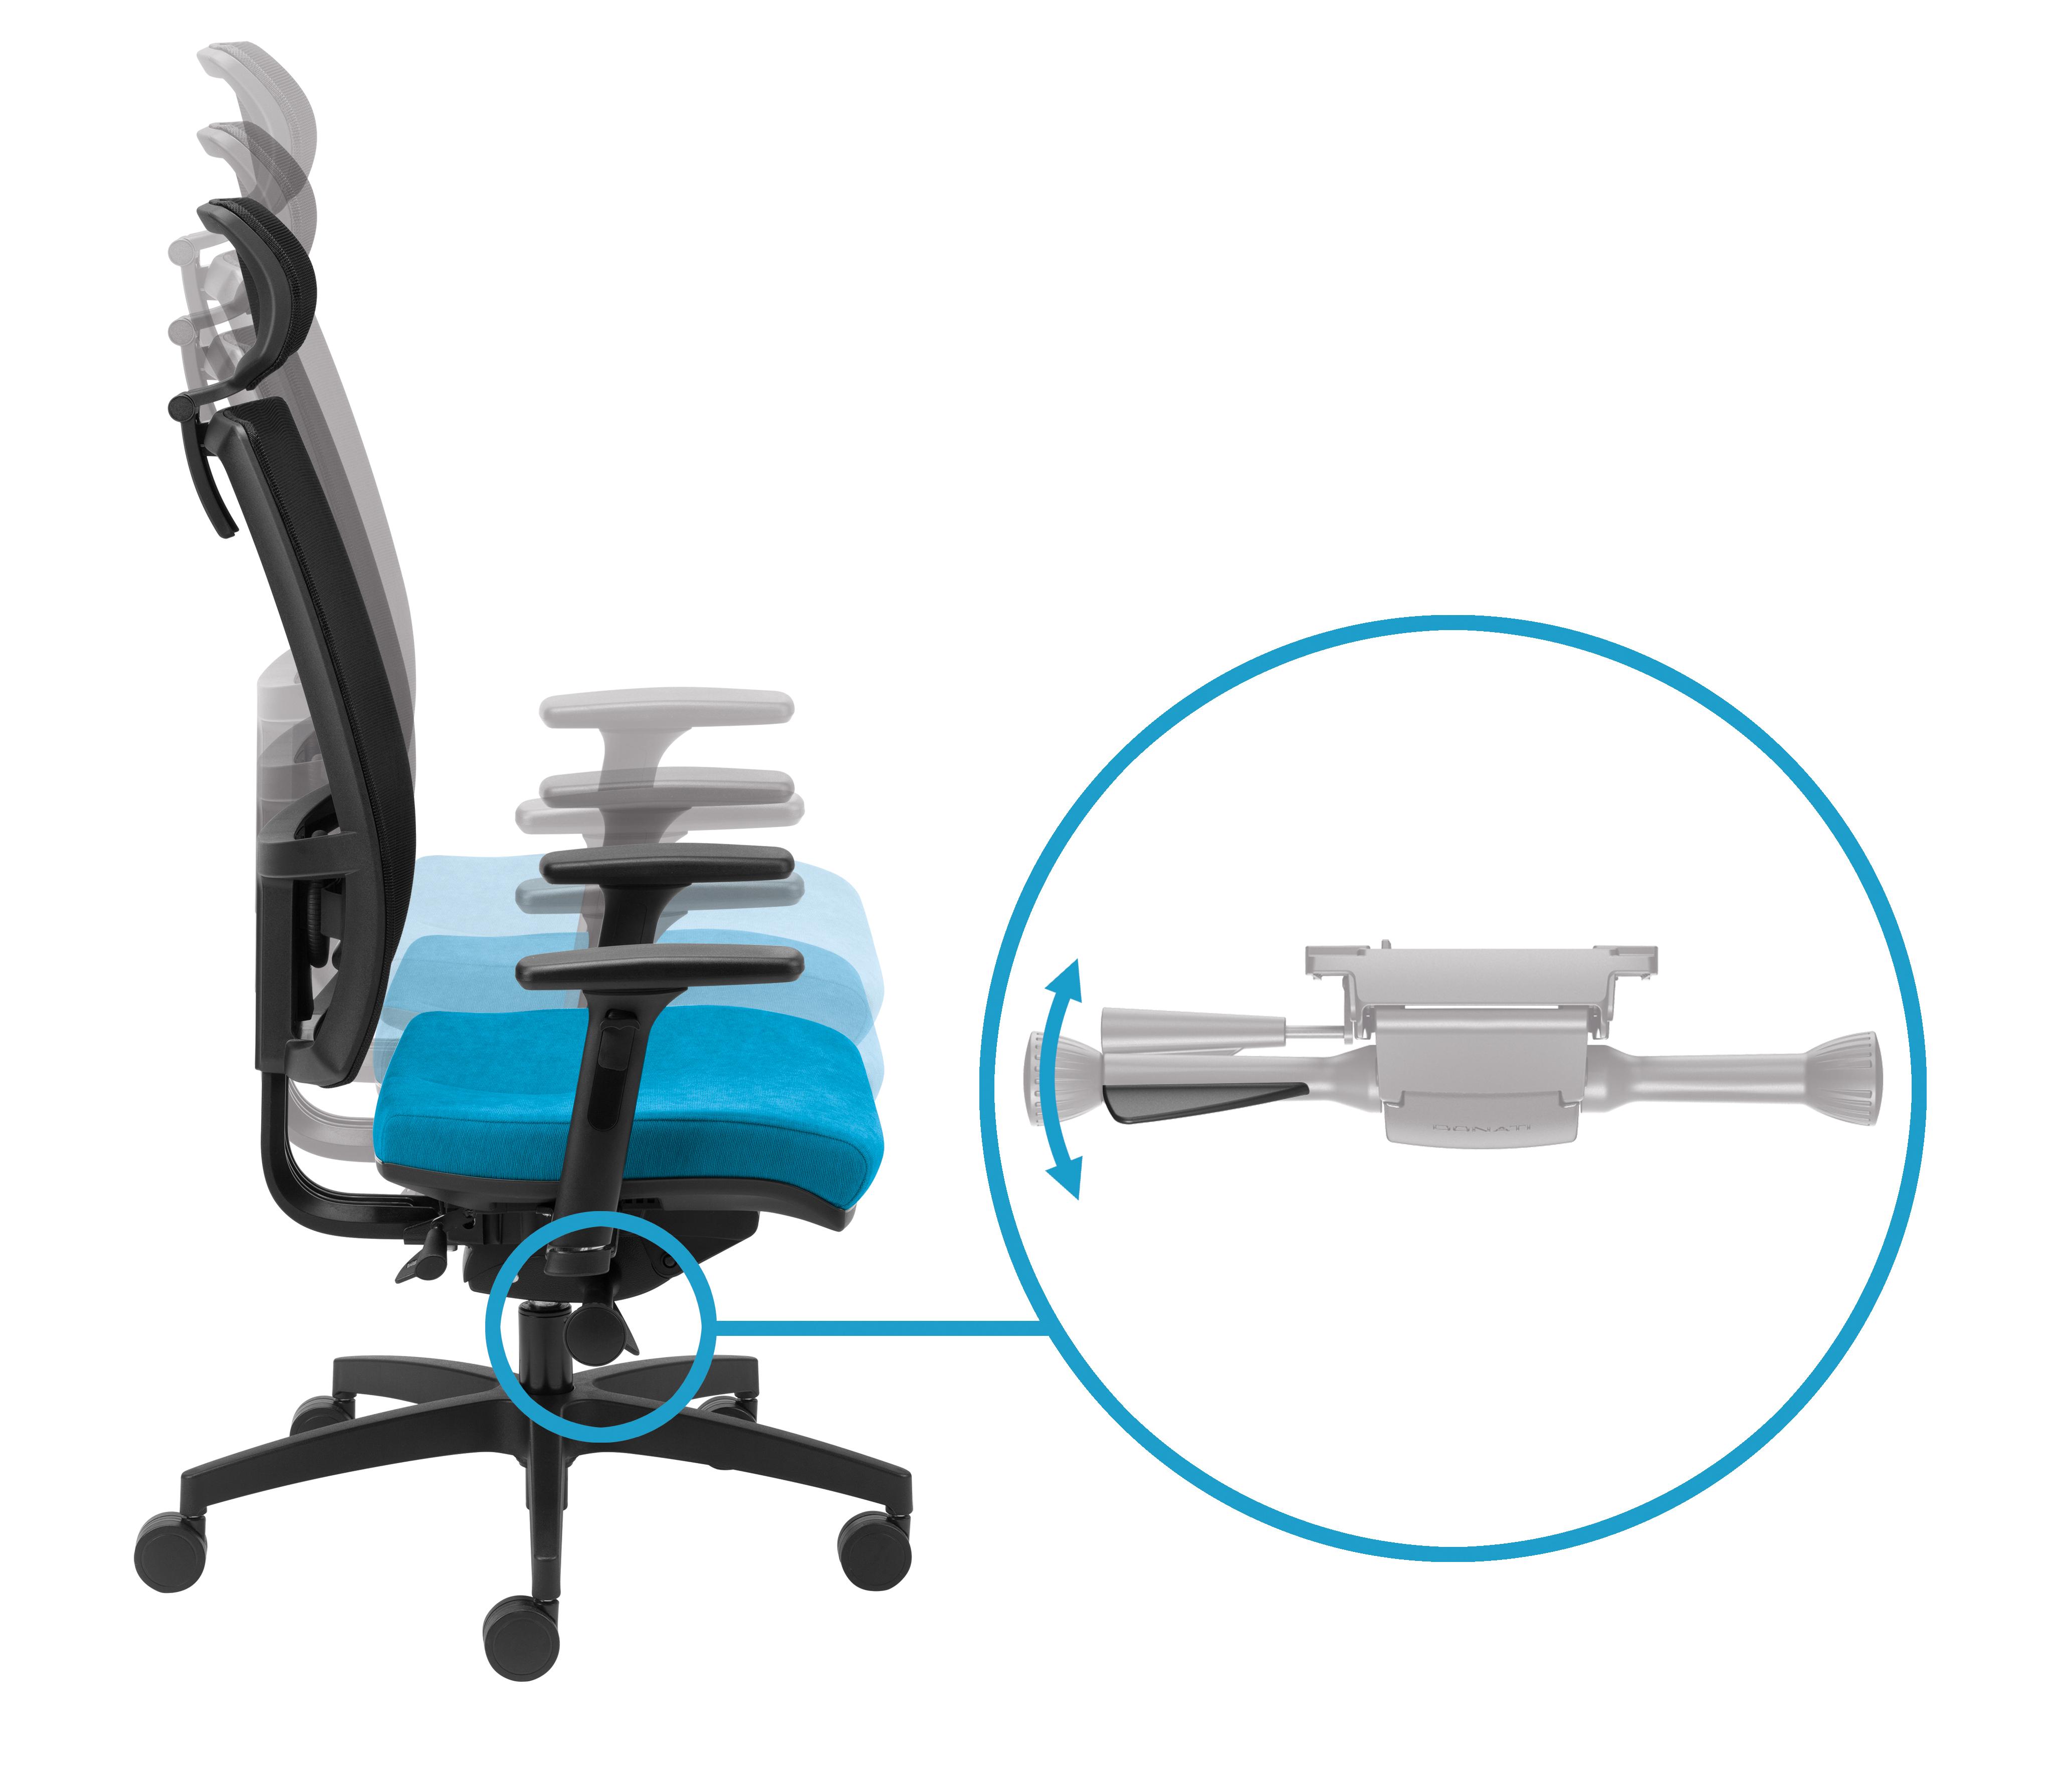 Regulacja wysokości siedziska za pomocą prawej dźwigni